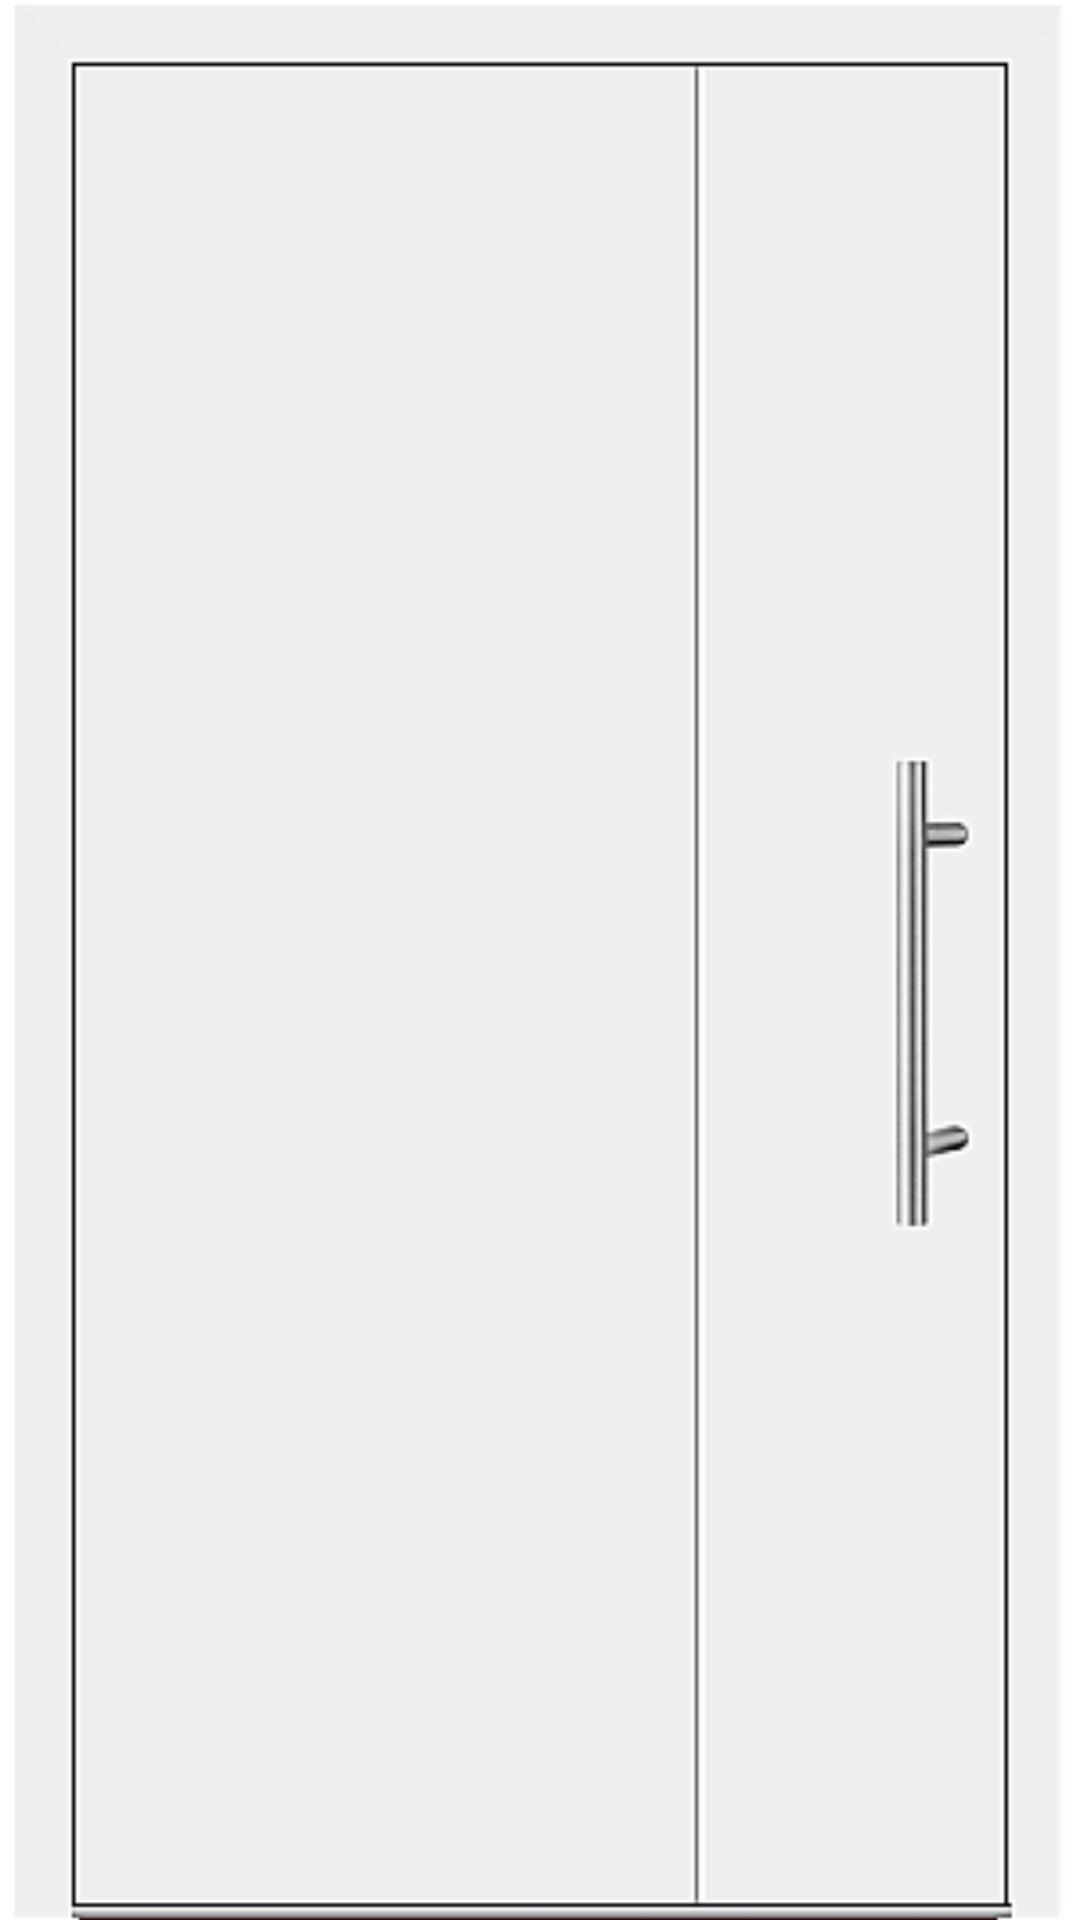 Kunststoff Haustür Modell 6169-98 weiß